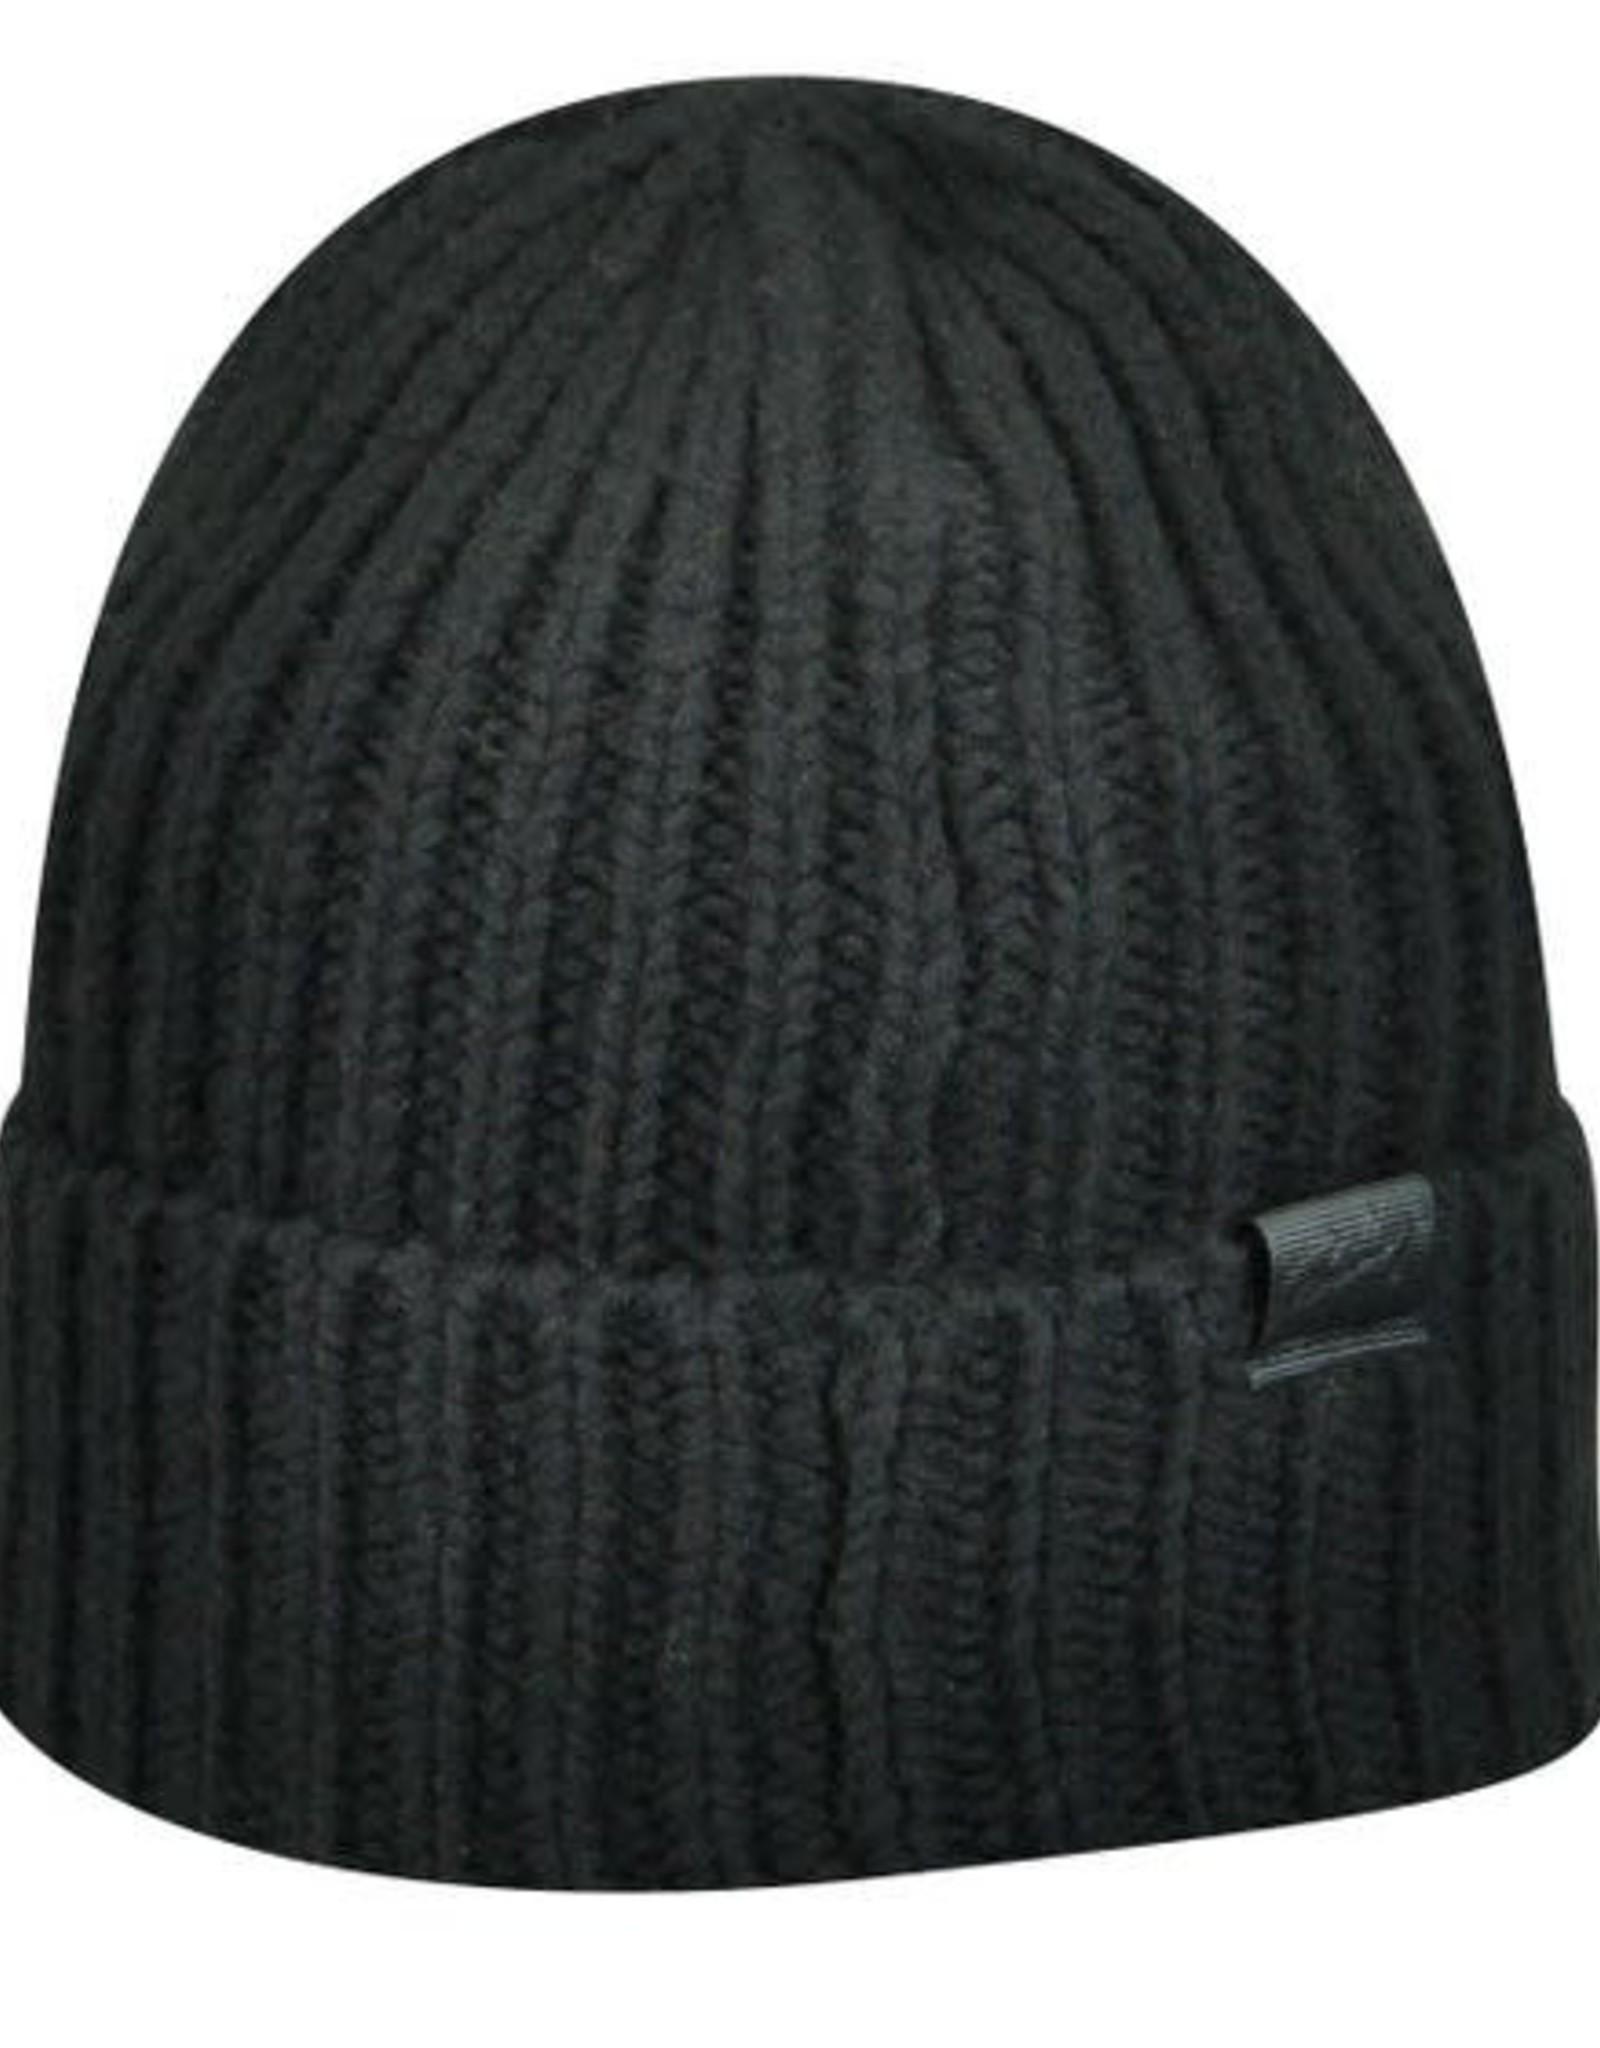 Bailey Hat Co. HAT-KNIT BEANIE, FISHERMAN, LAMBS WOOL, BLK,O/S